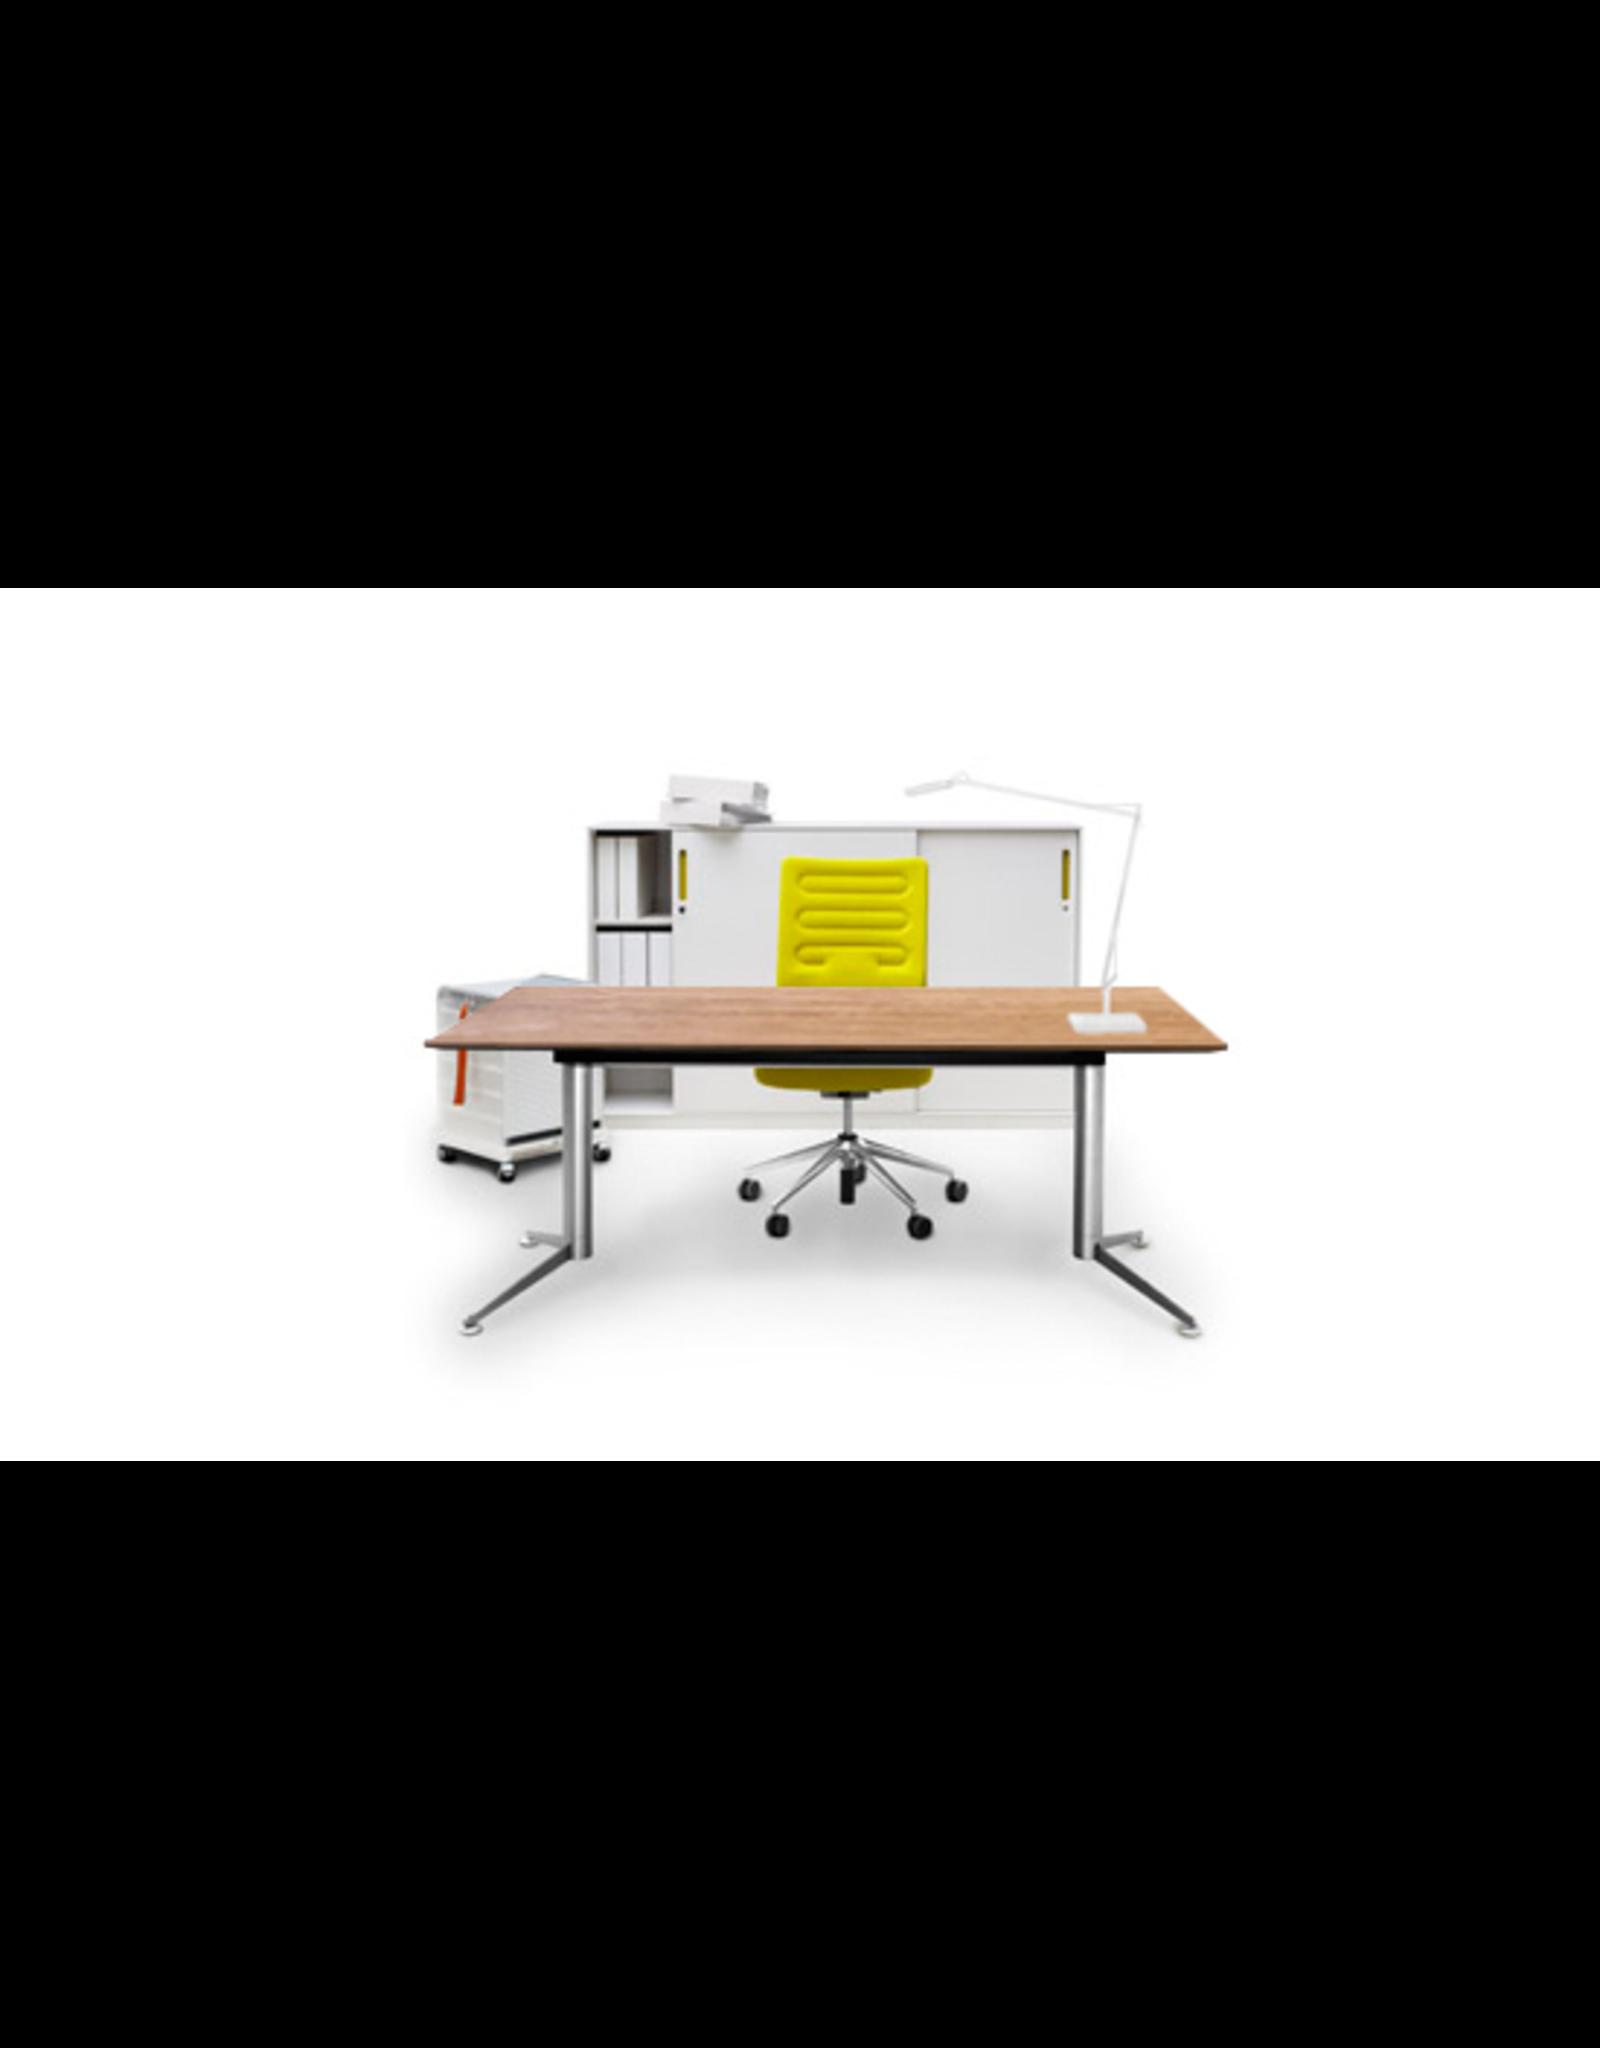 SPINAL ELECTRICAL WORK DESK W/OAK VENEER TABLETOP